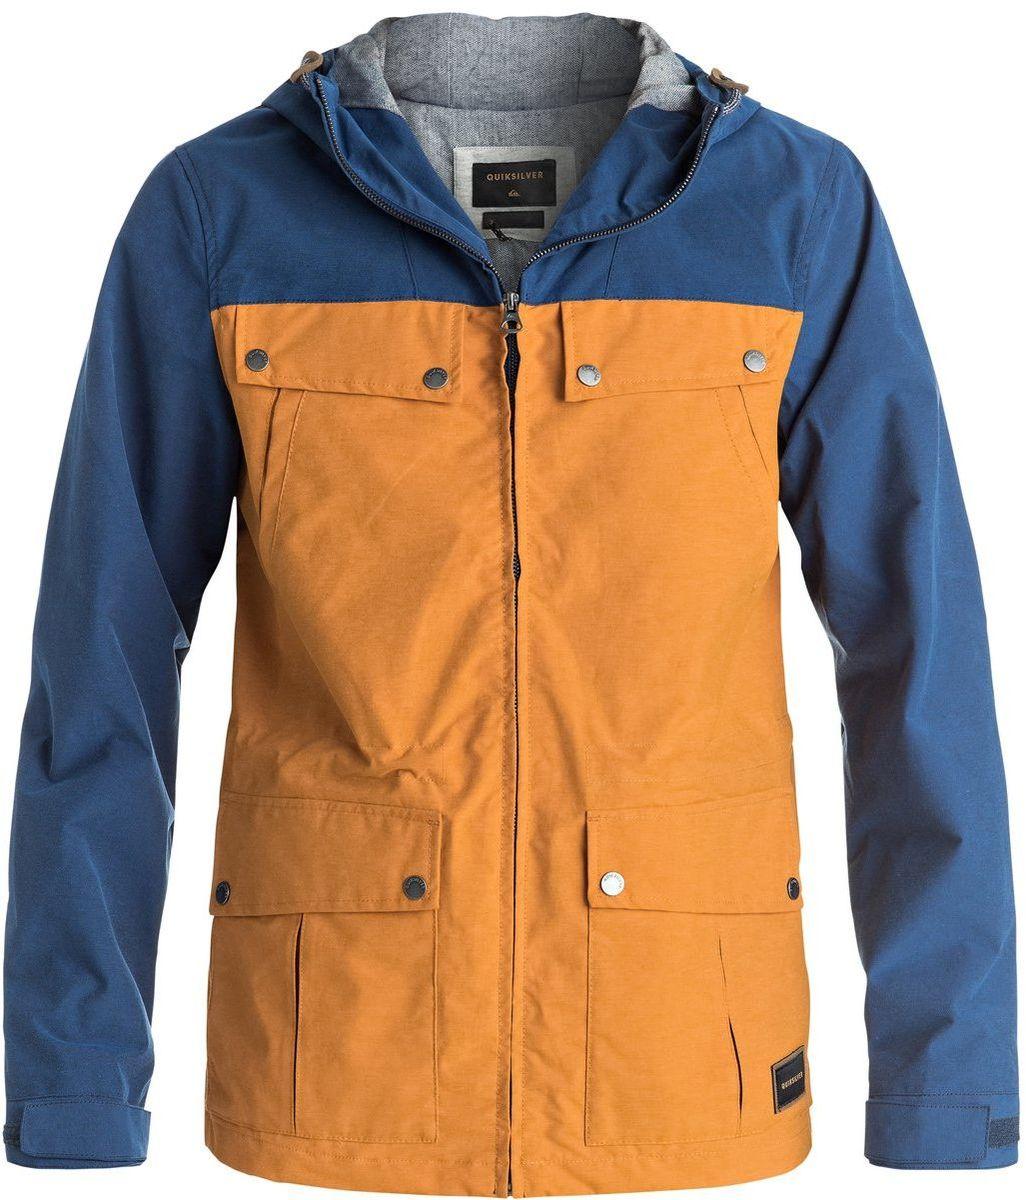 КурткаEQYJK03292-NMVHМужская куртка для Quiksilver выполнена из качественного материала. Модель с длинными рукавами и капюшоном застегивается на застежку-молнию. Изделие дополнено карманами и липучками на манжетах рукавов.